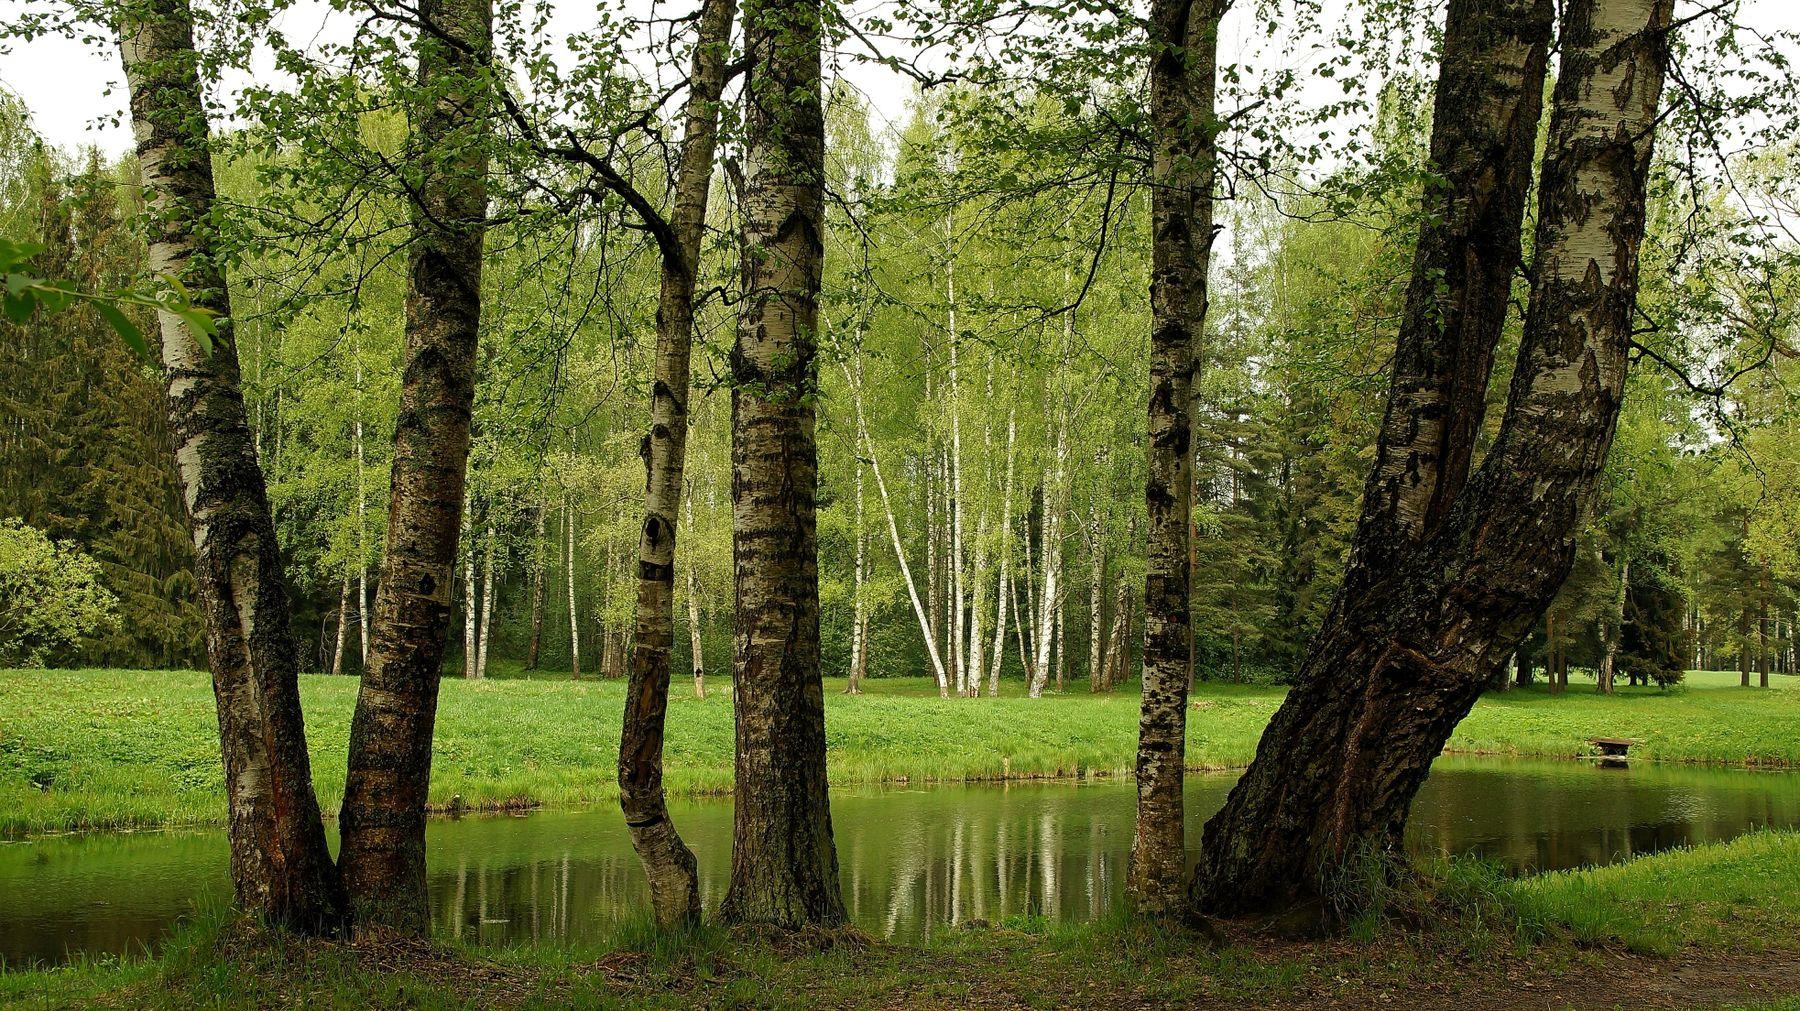 Пруды Павловского парка 3 Павловский парк весна пруд лес